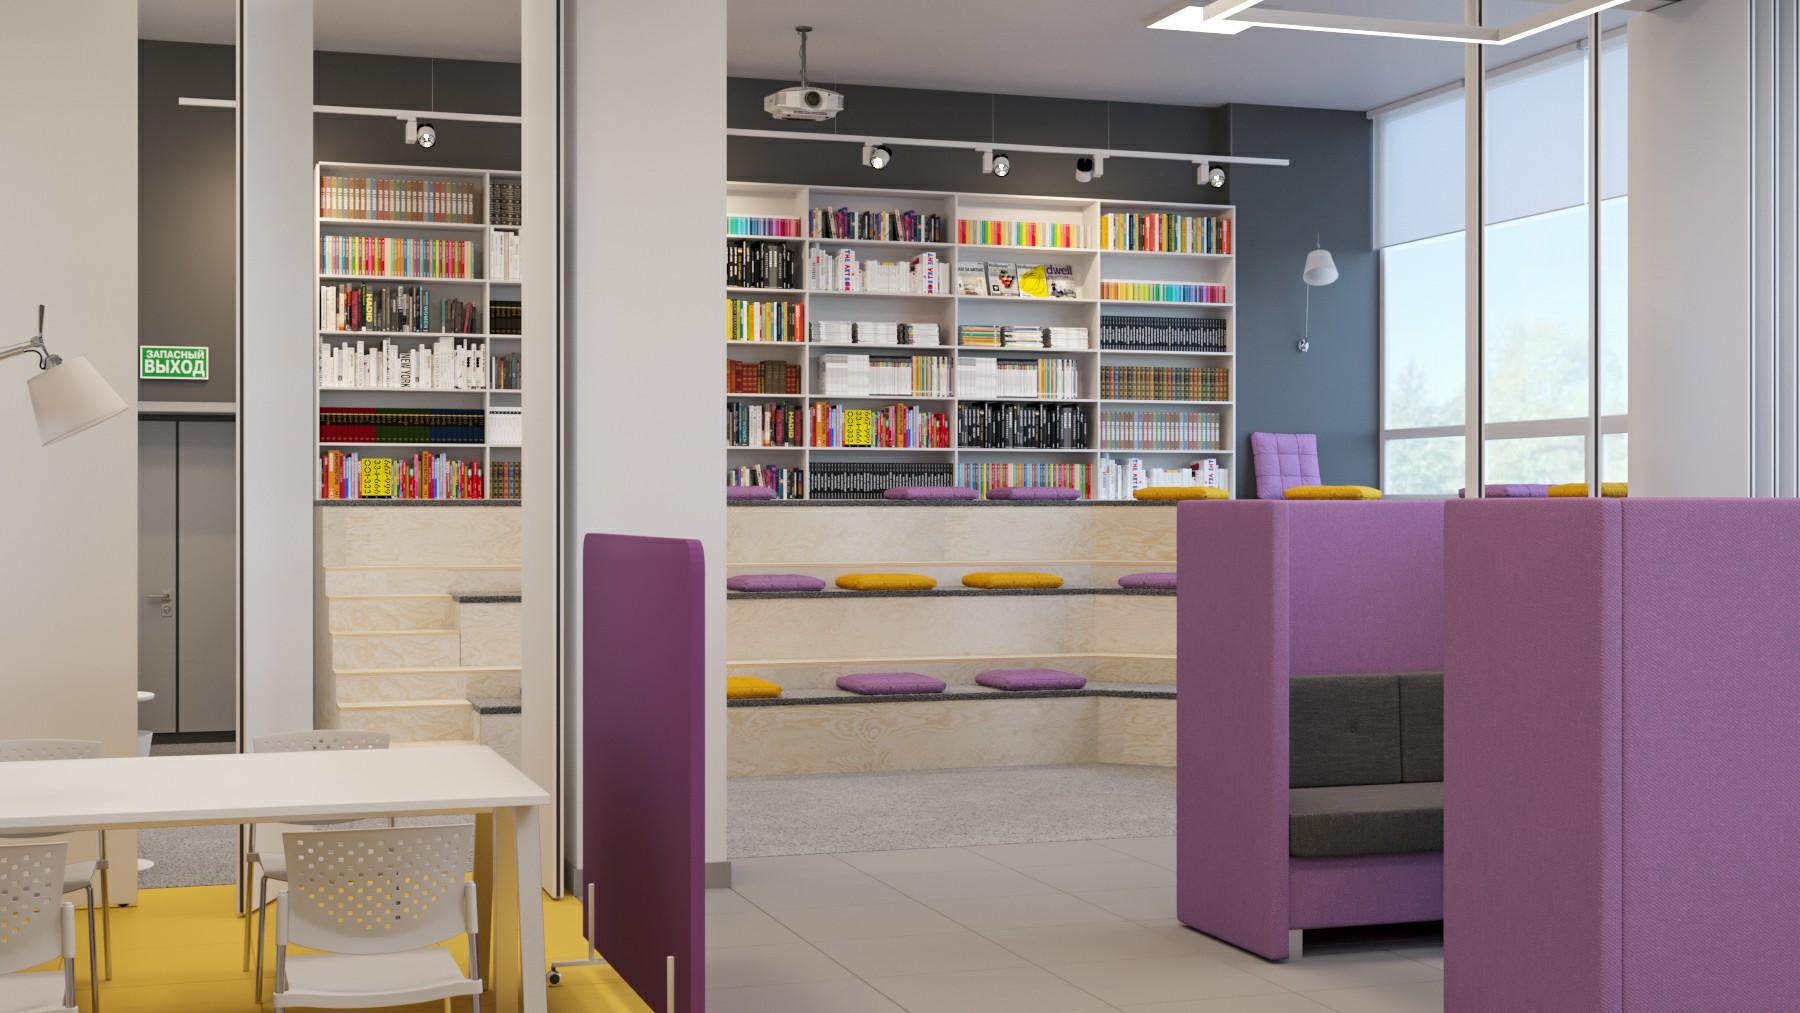 Библиотека Уральского Федералього Университета